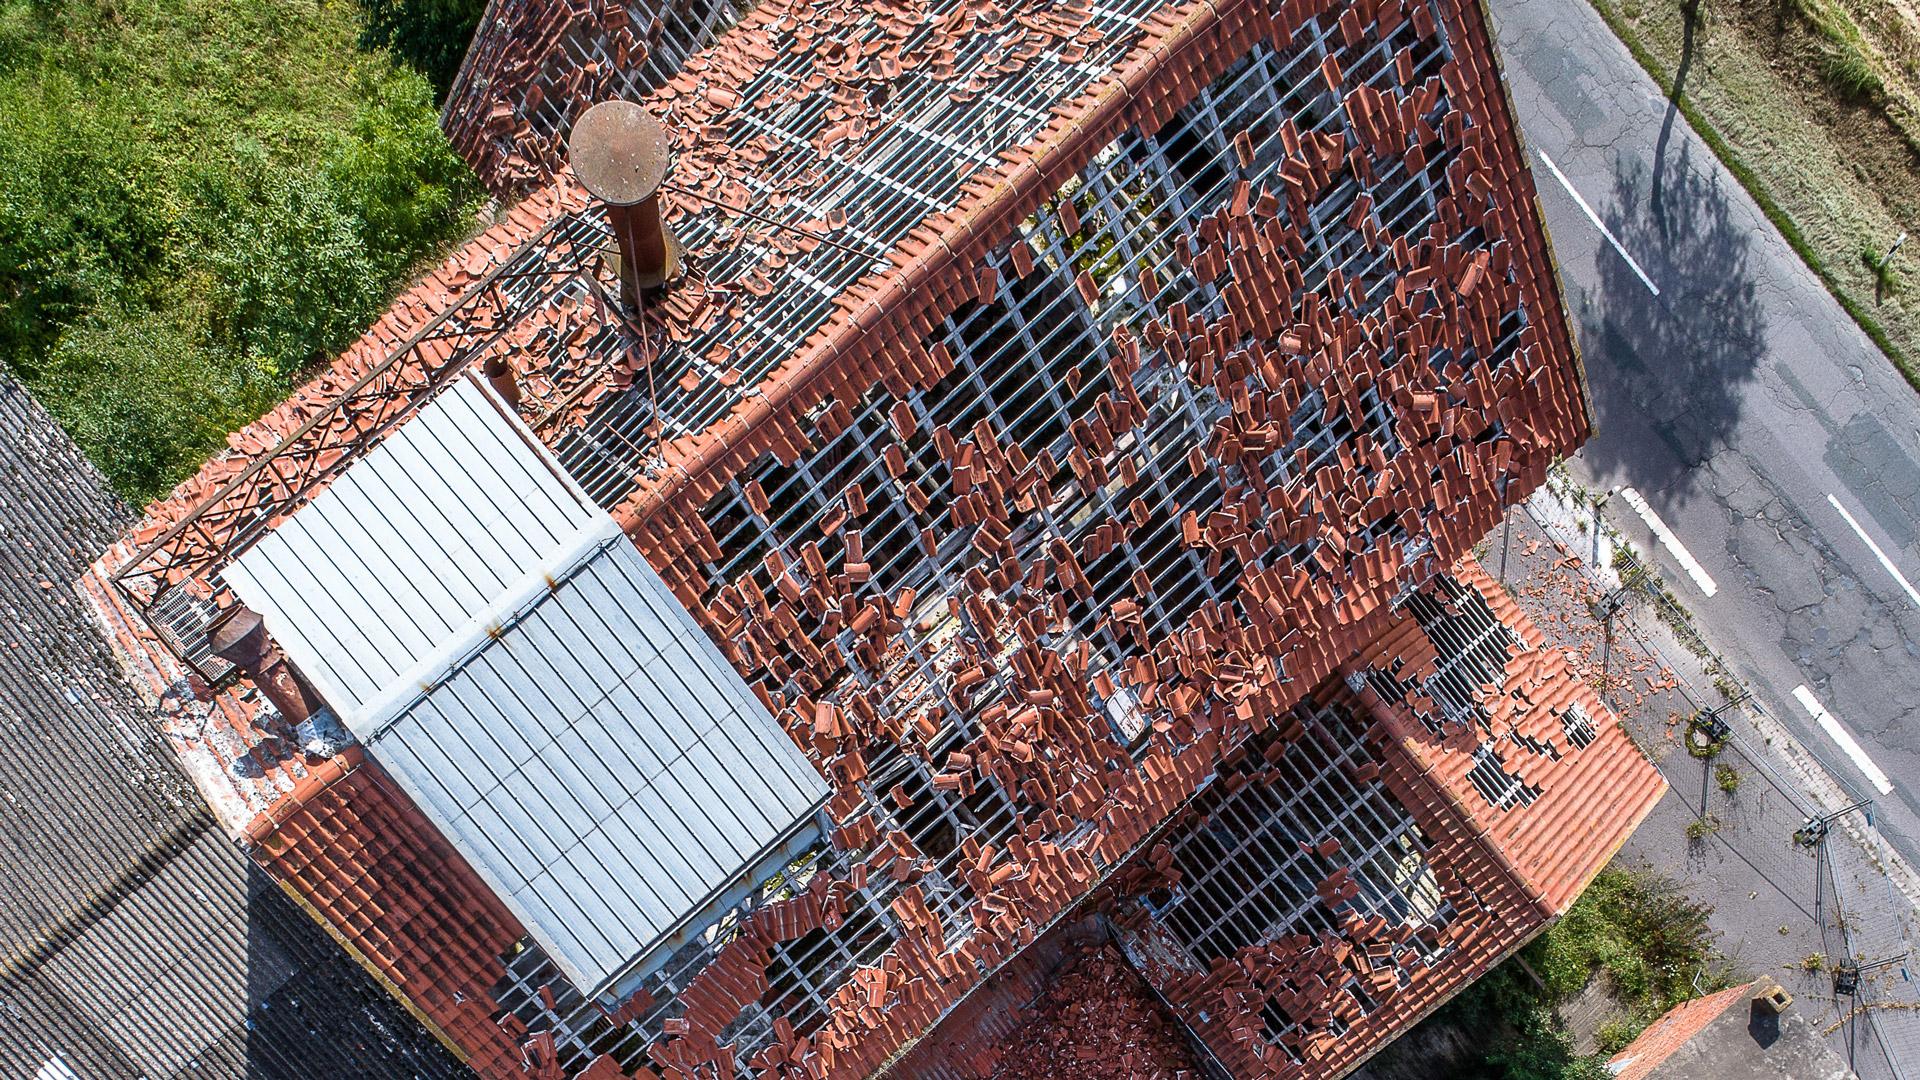 Constatation des degats sur une toiture